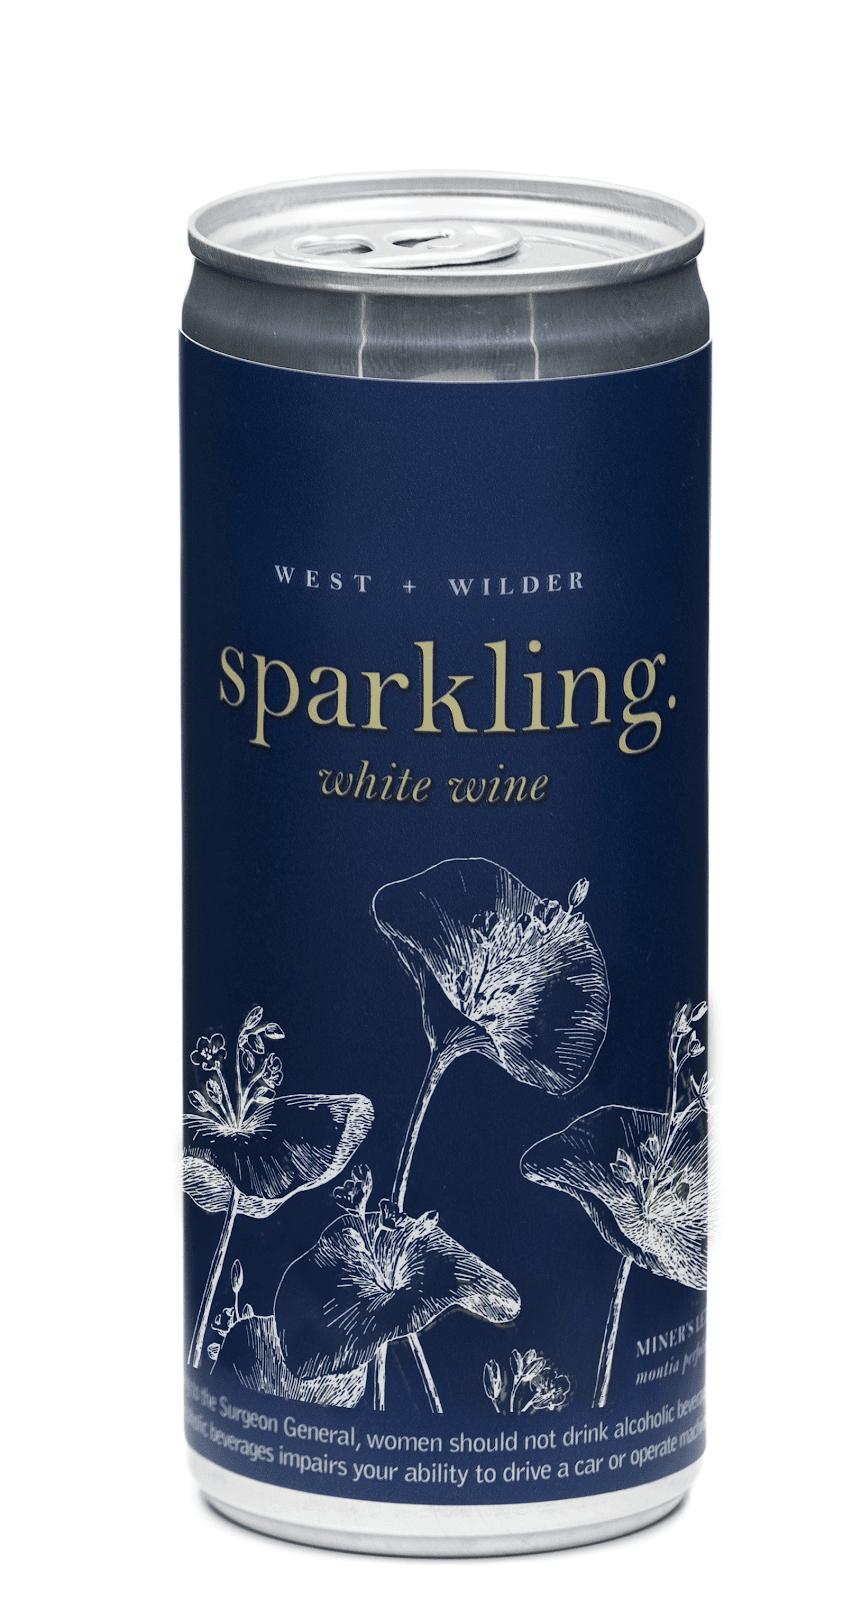 West+Wilder Sparkling Wine